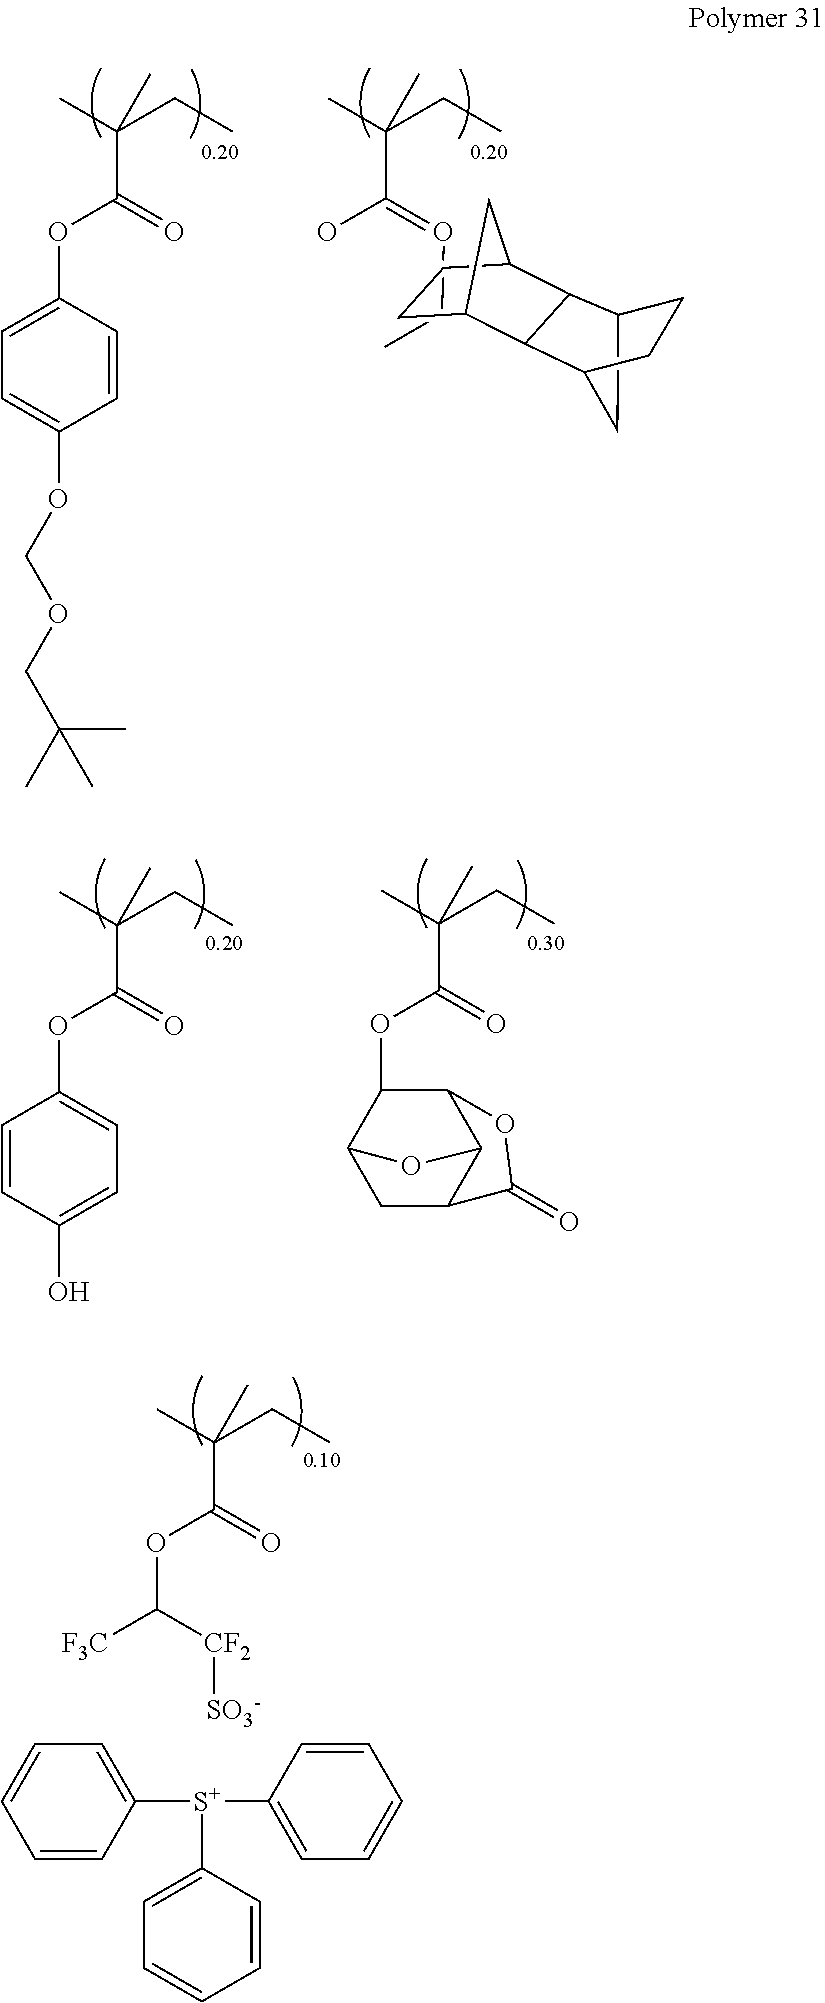 Figure US20110294070A1-20111201-C00102